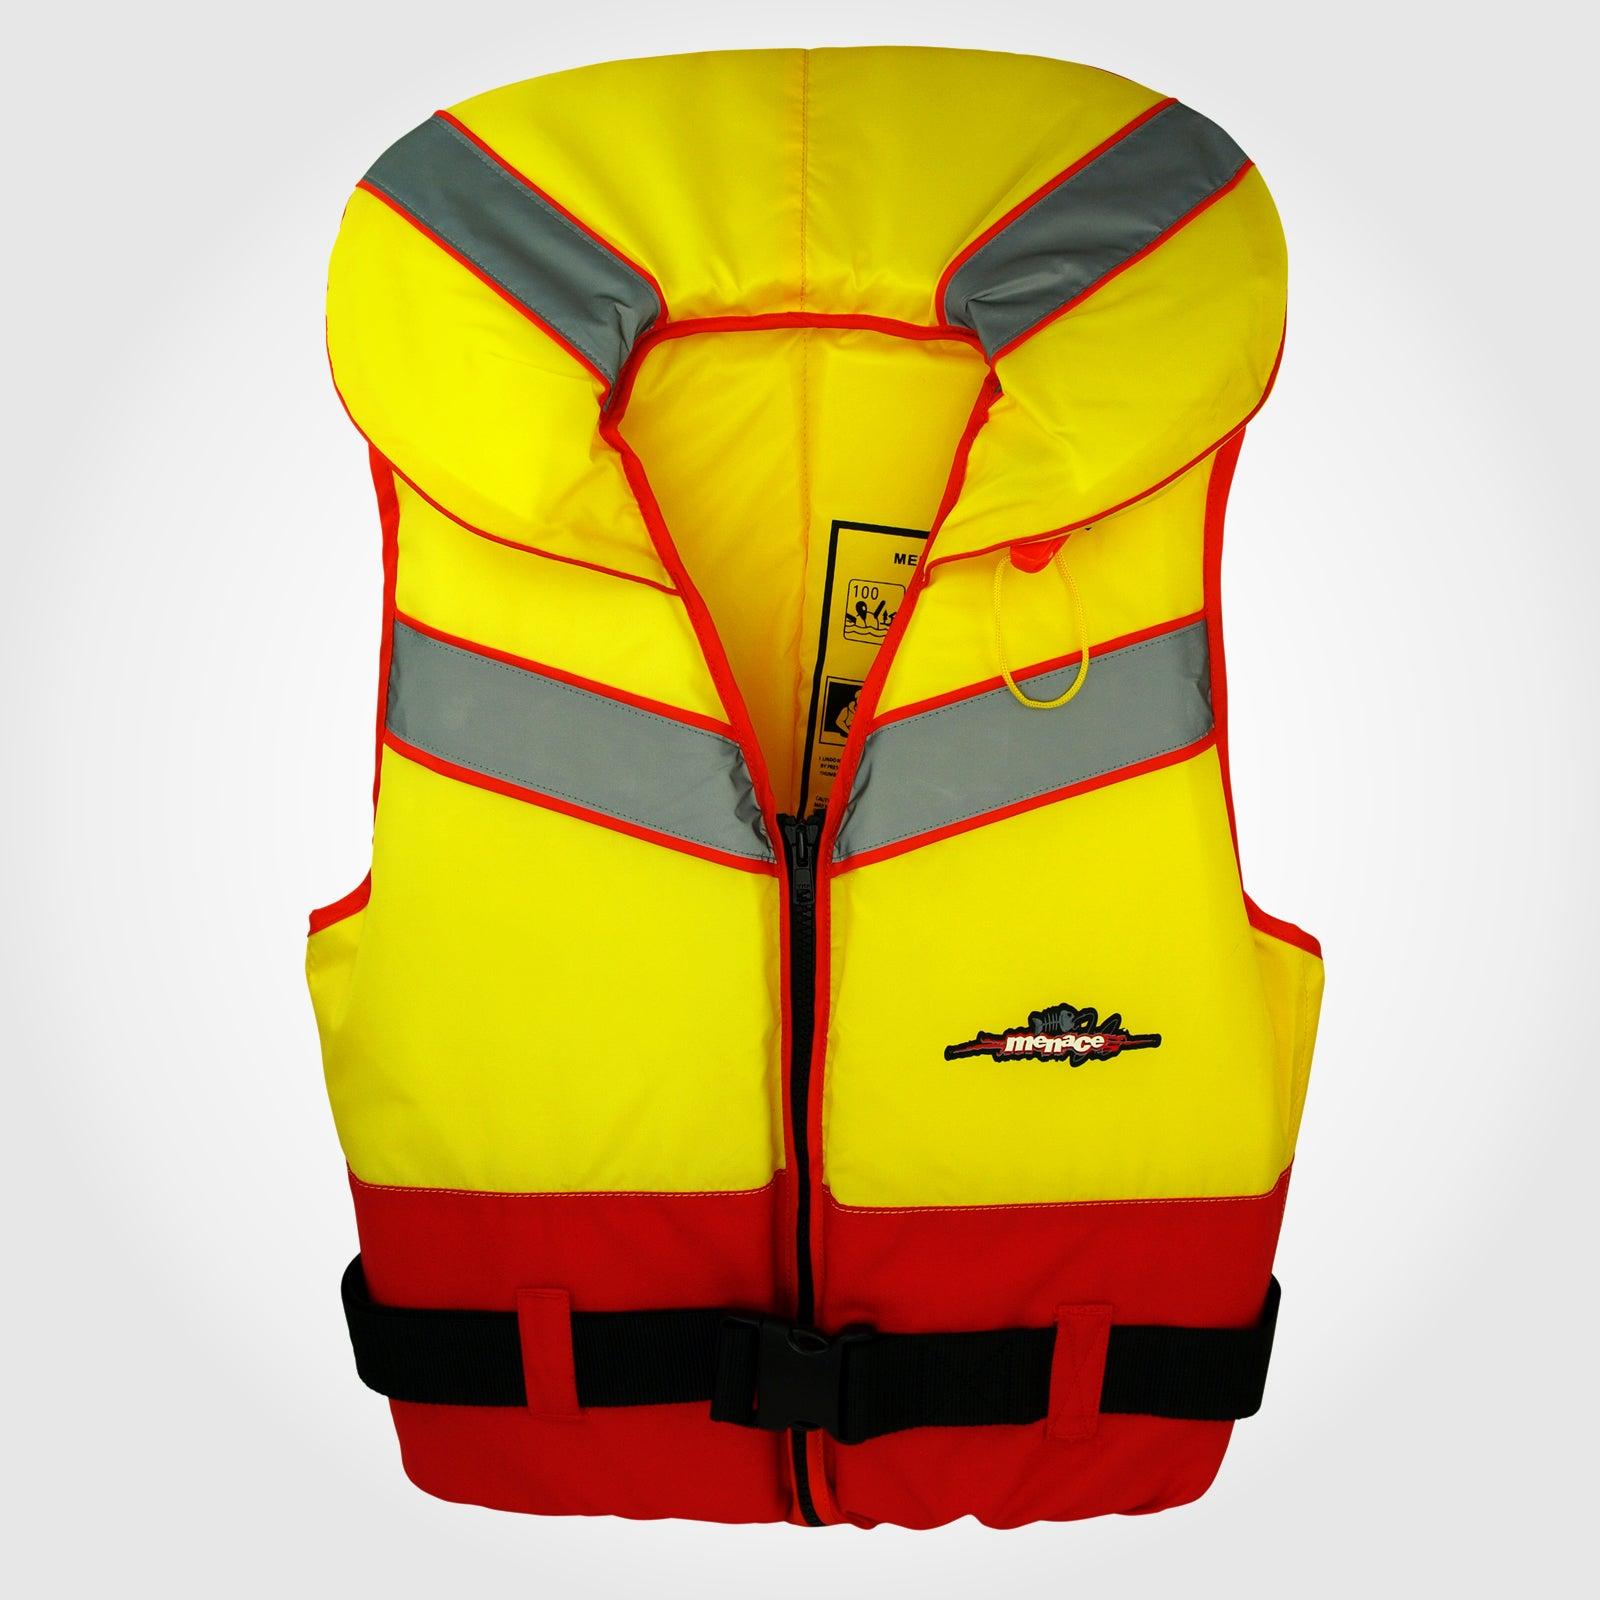 ADULT XXL Life Jacket - Foam Type 1 Lifejacket Vest PFD 2XL Level 100